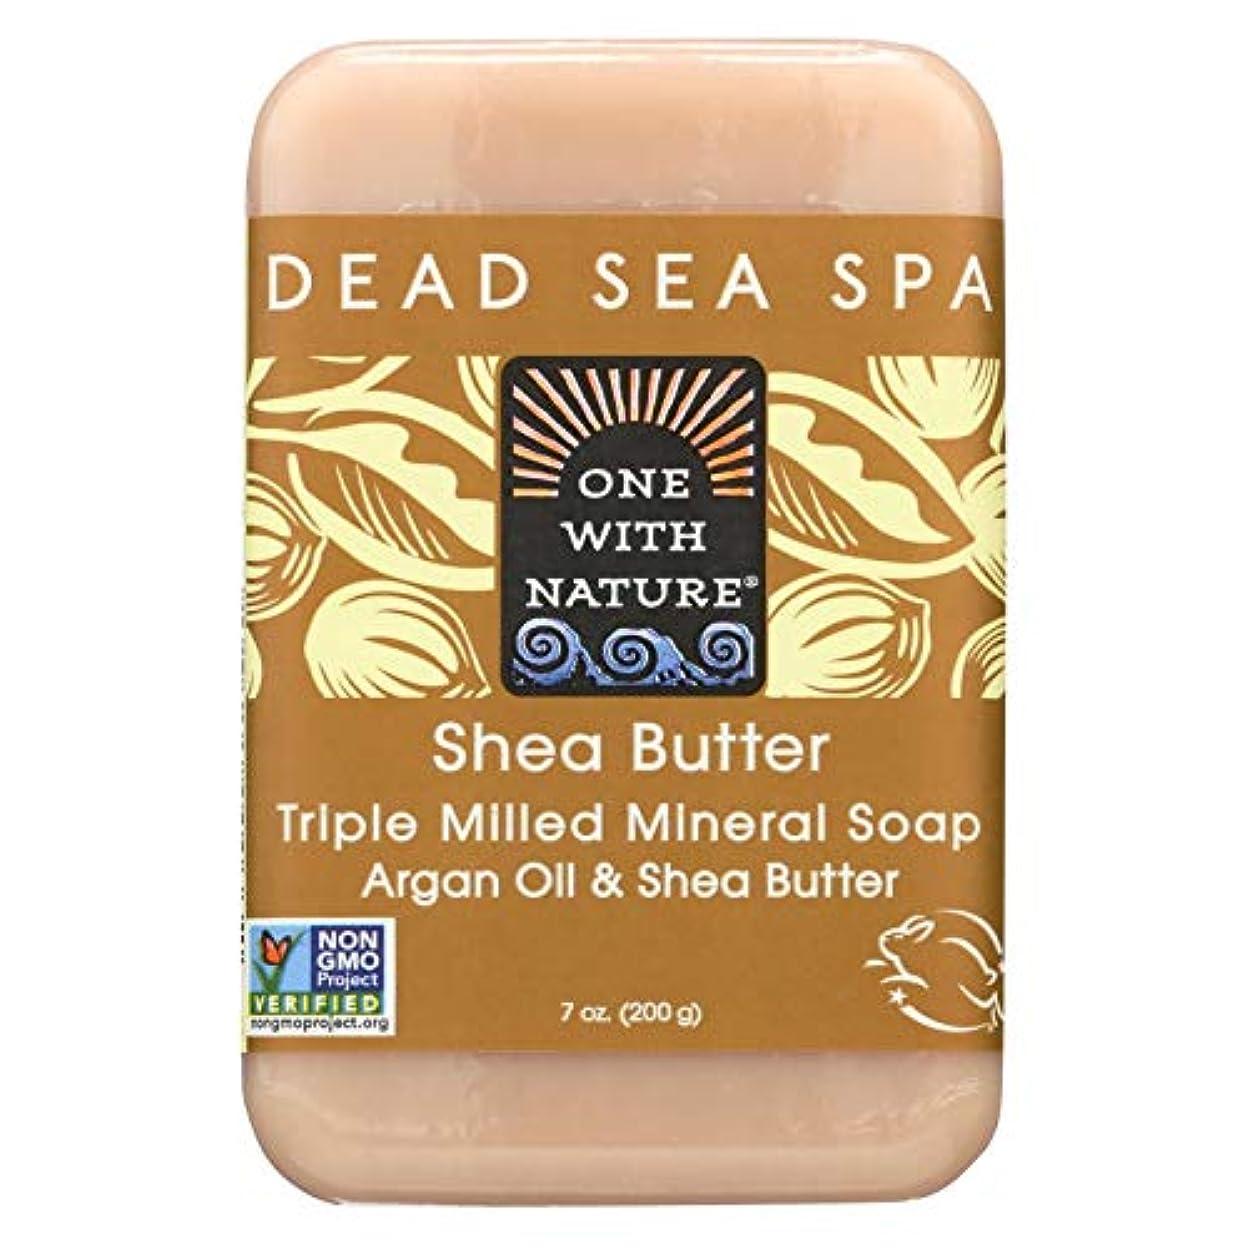 非効率的な計算可能酒Dead Sea Mineral Shea Butter Soap - 7 oz by One With Nature